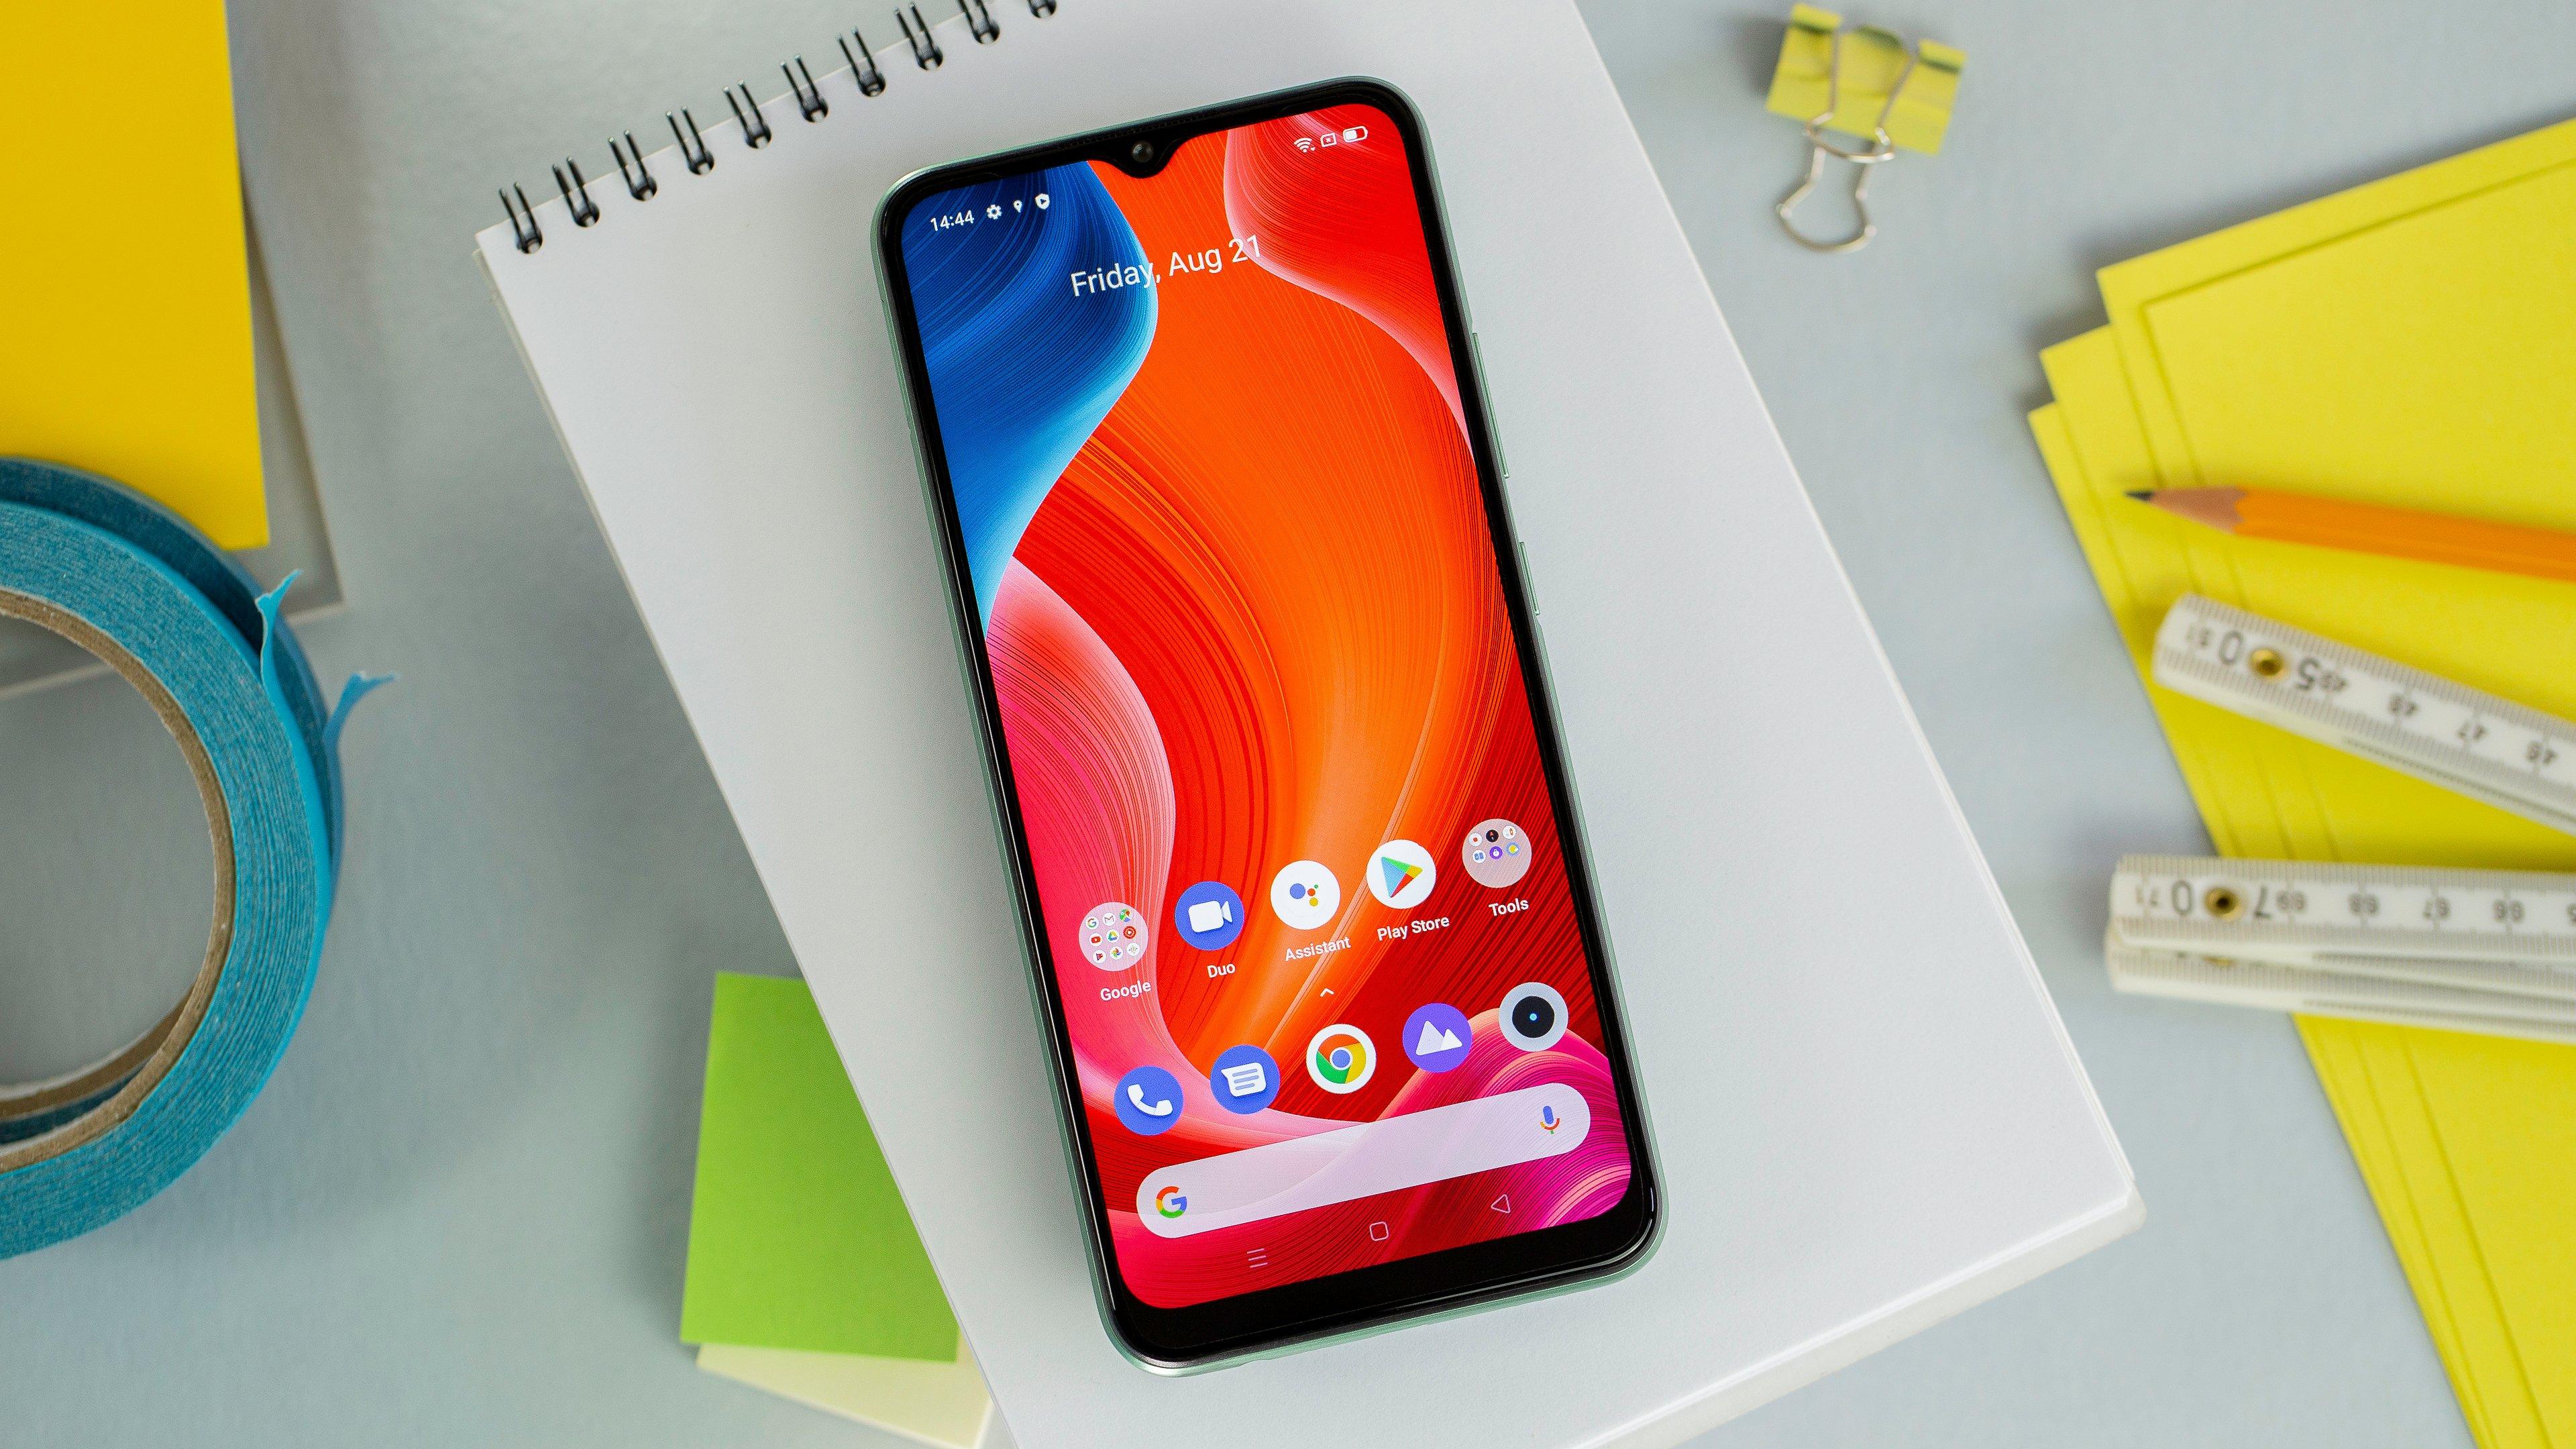 Le top des meilleurs smartphones à moins de 100 euros en 2021 - Realme C11 www.heavybull.com